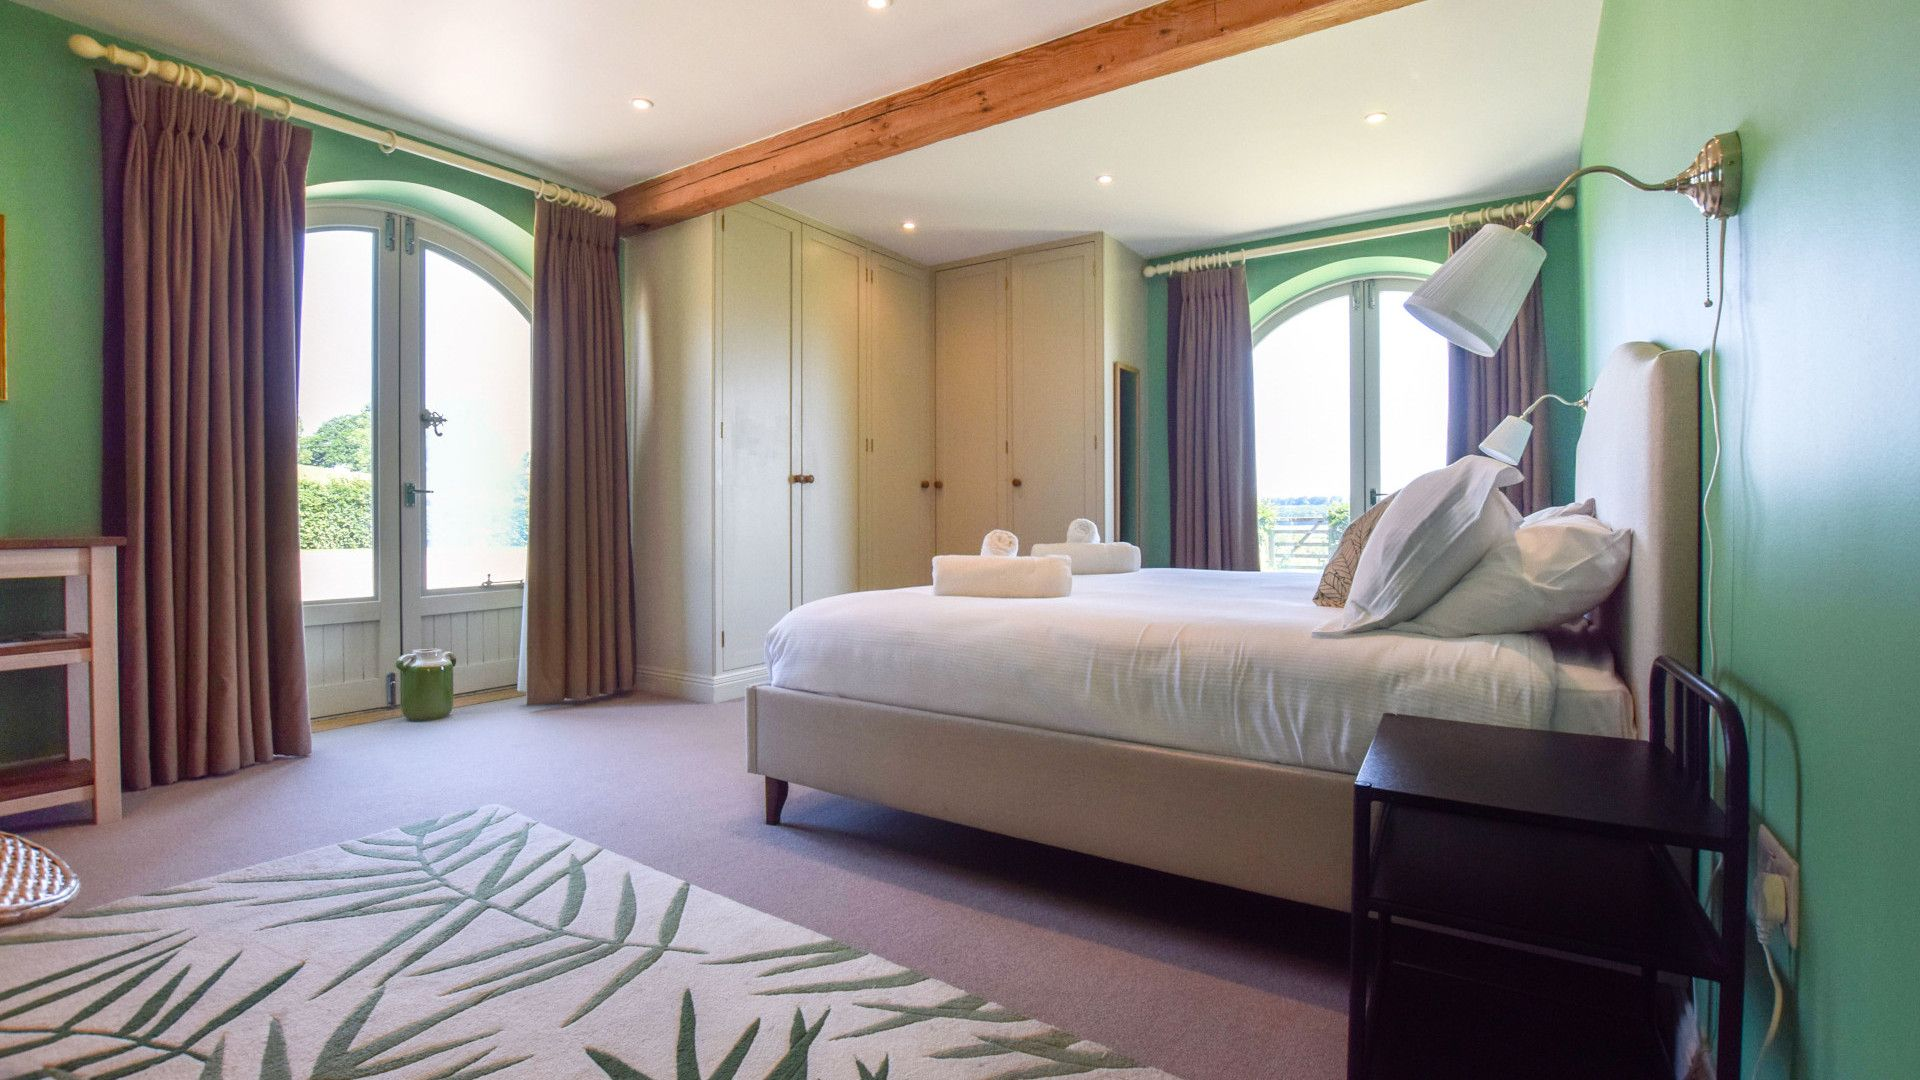 Bedroom 1, Oldbury Barn, Bolthole Retreats